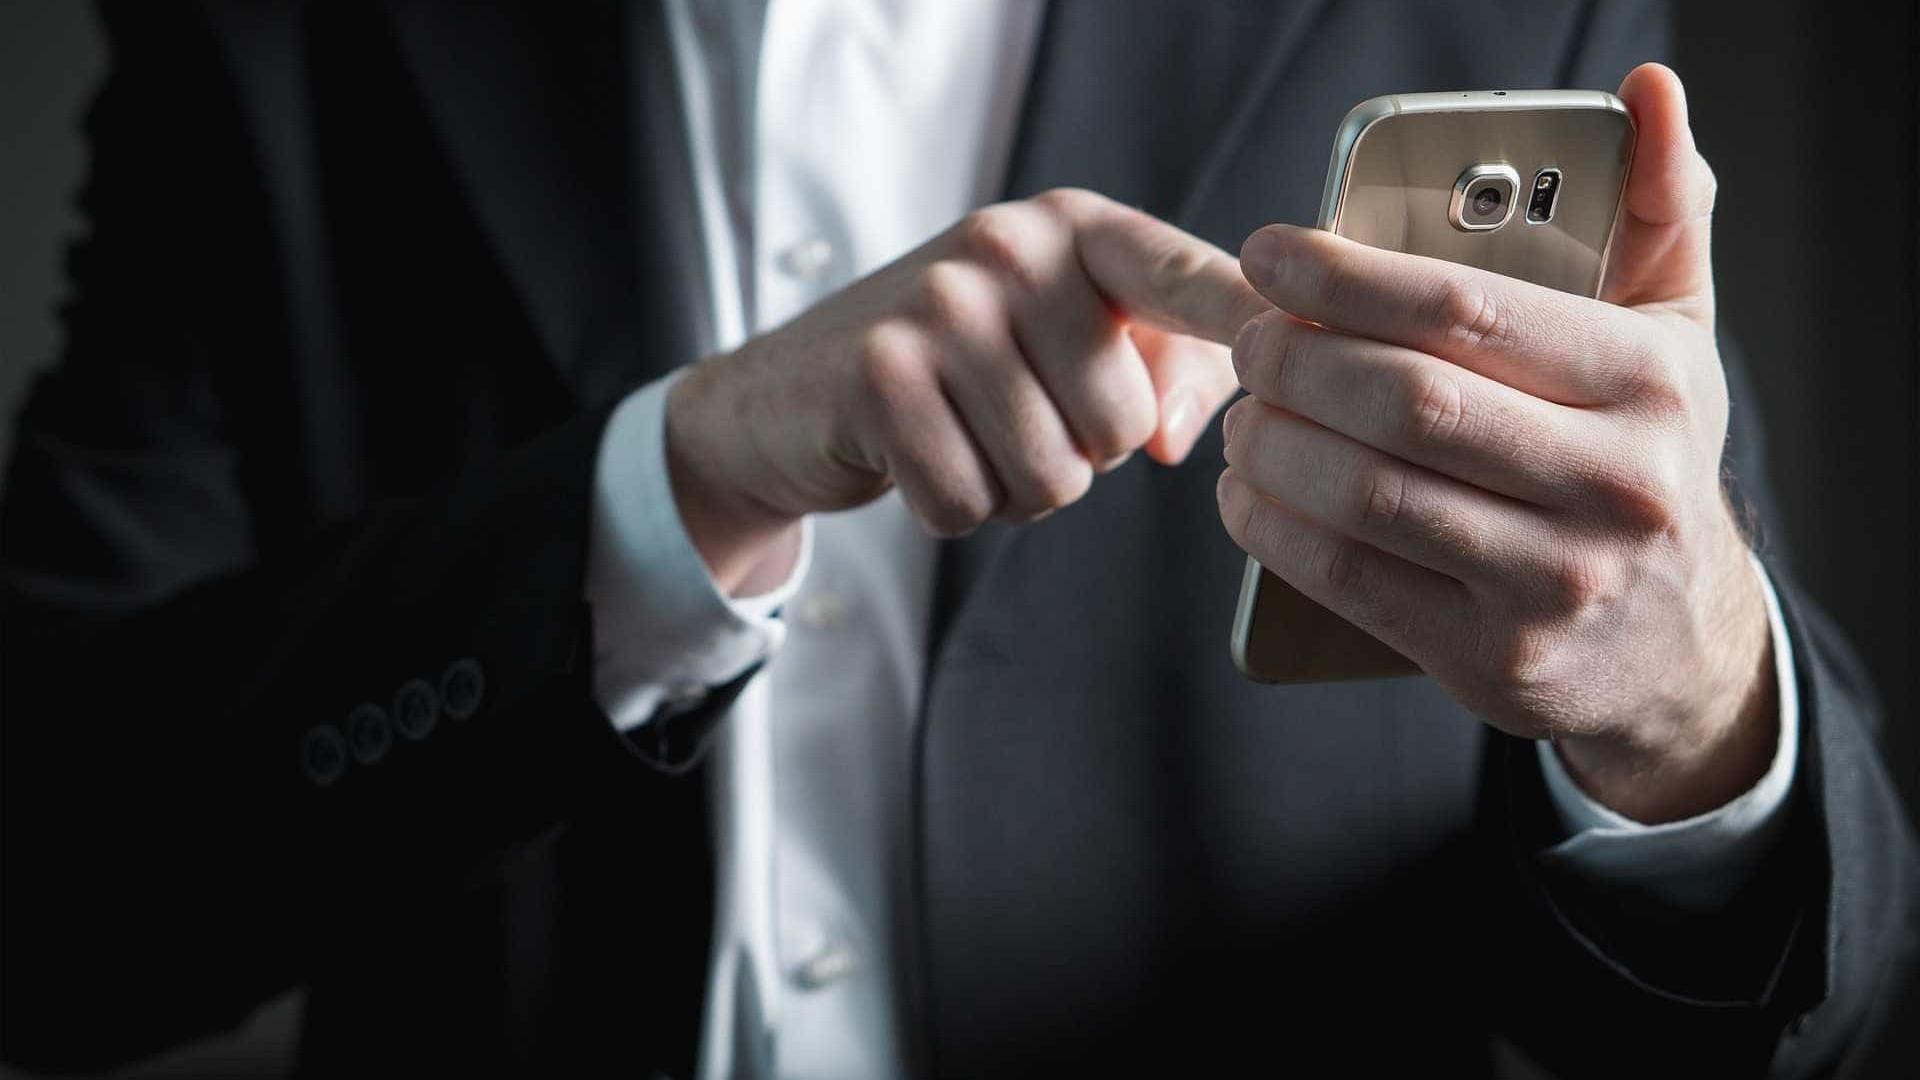 Ar-condicionado 'smart' é controlado pelo celular e economiza energia